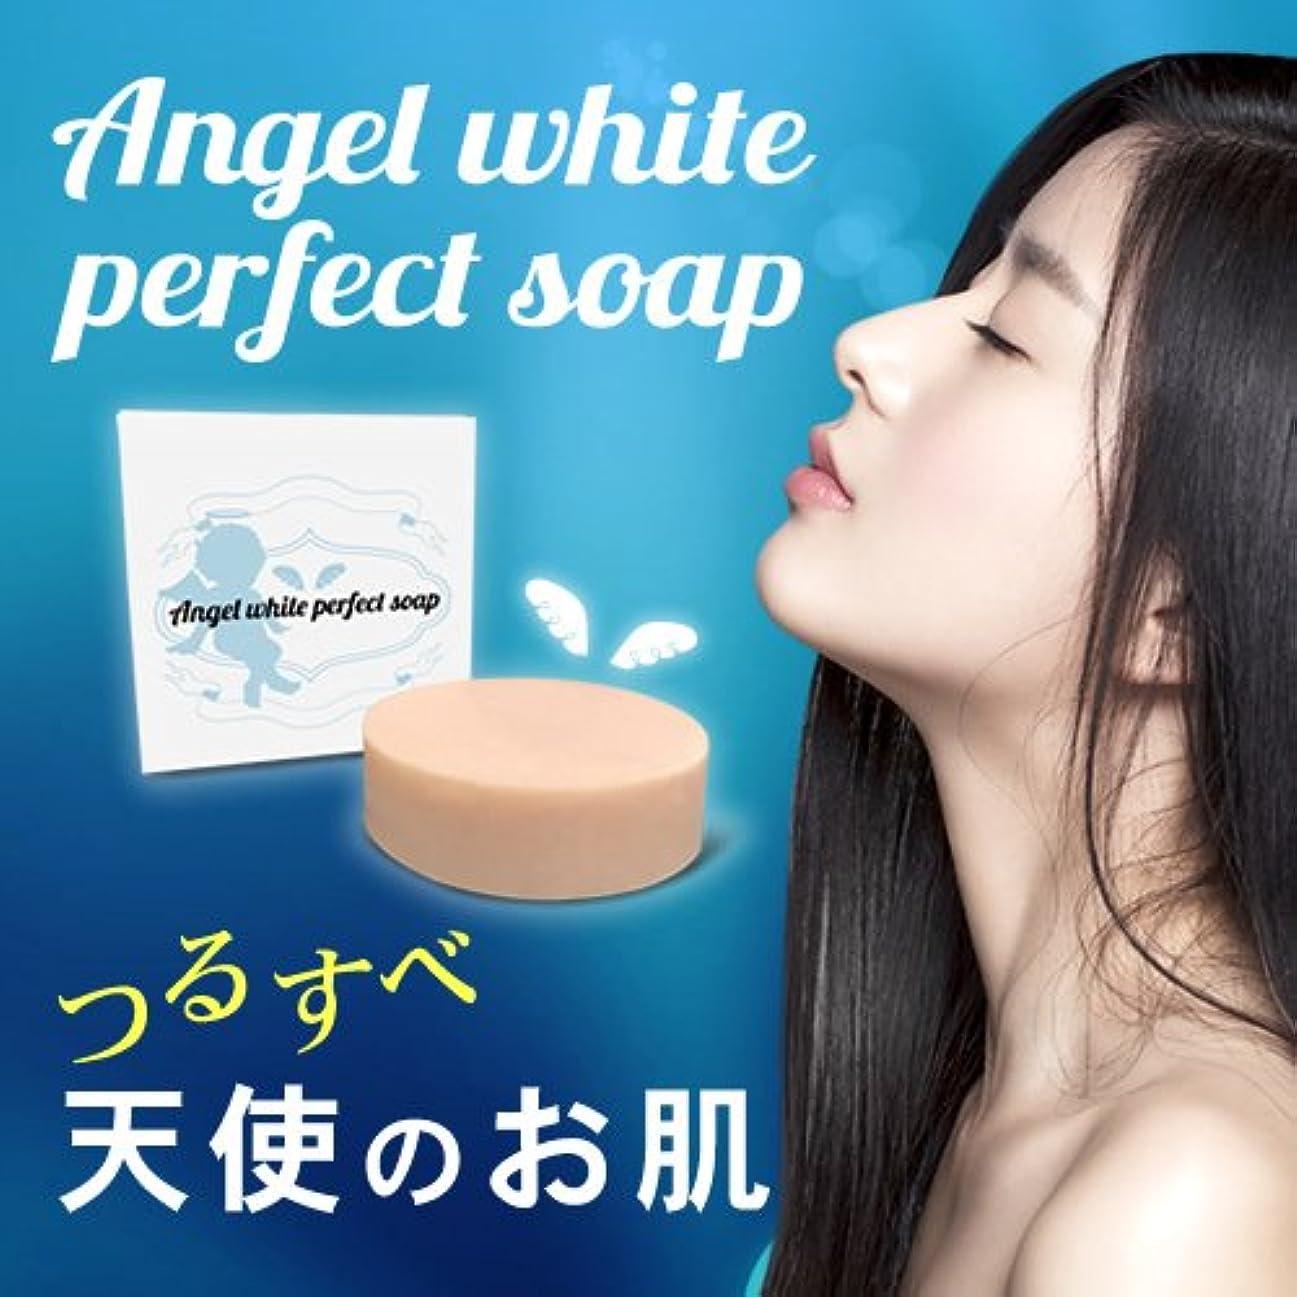 地震アジア人オーストラリア人Angel White Perfect Soap(エンジェルホワイトパーフェクトソープ) 美白 美白石けん 美肌 洗顔石鹸